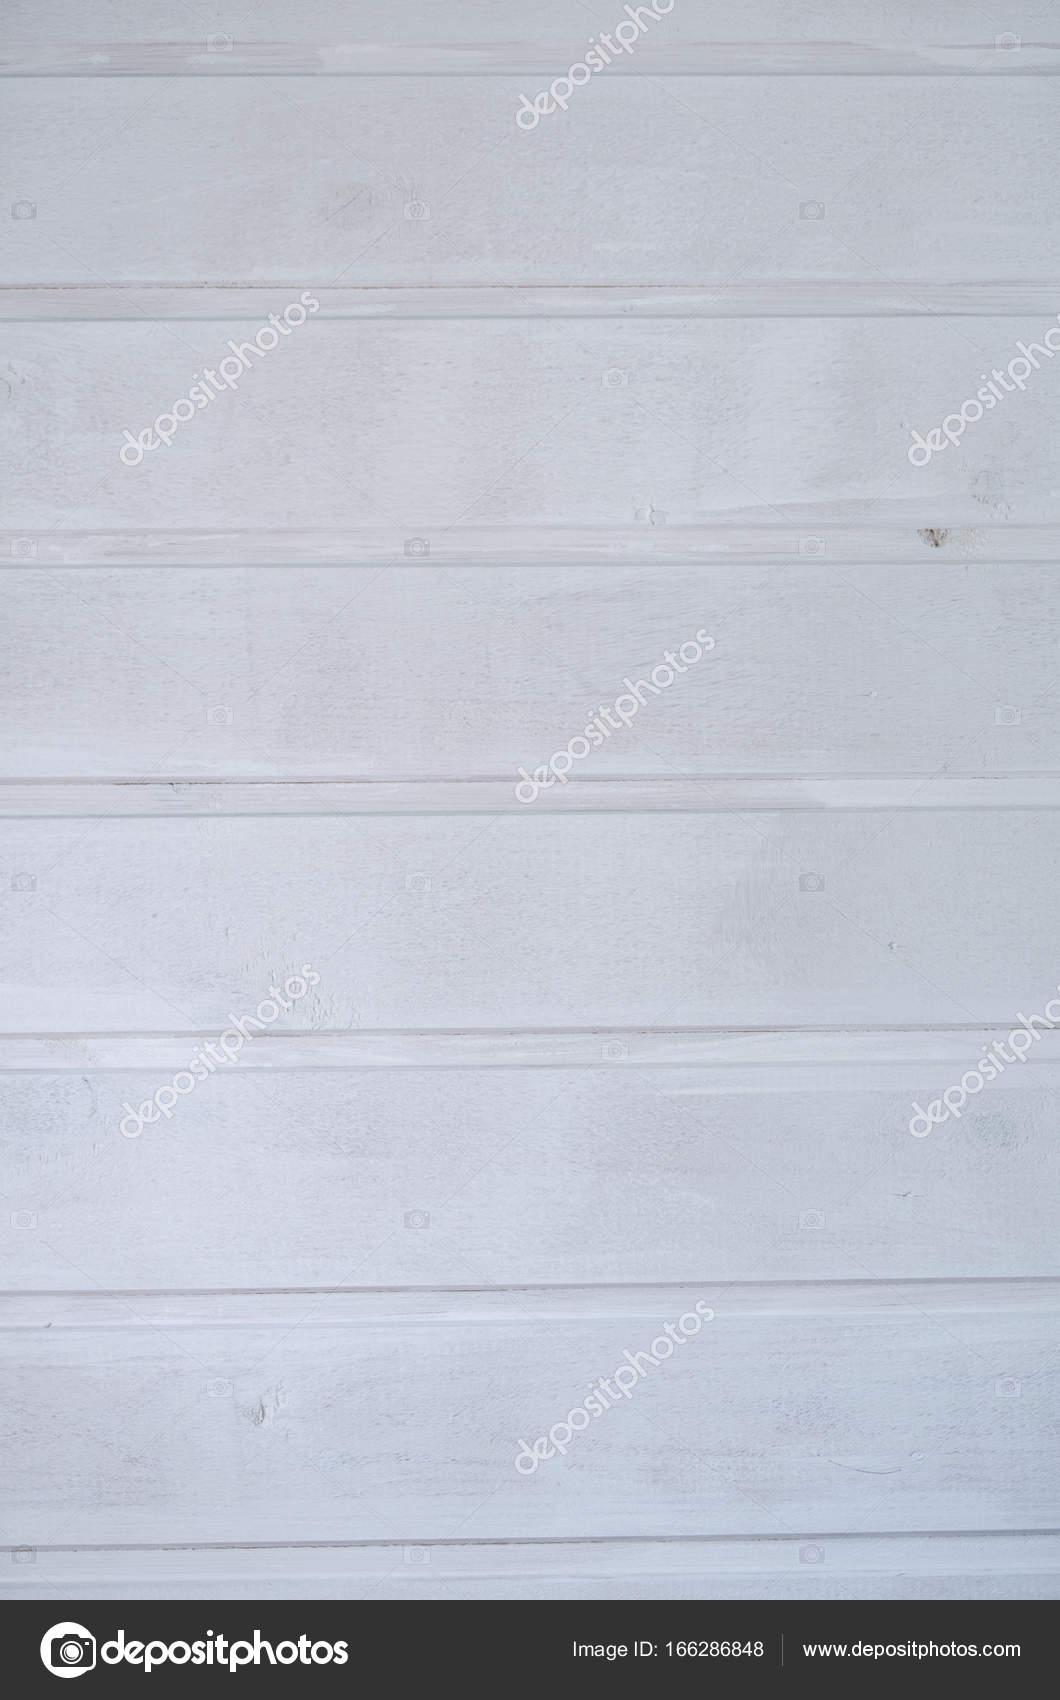 Hintergrund Weisser Hintergrund Holz Wand Weisse Holzwand